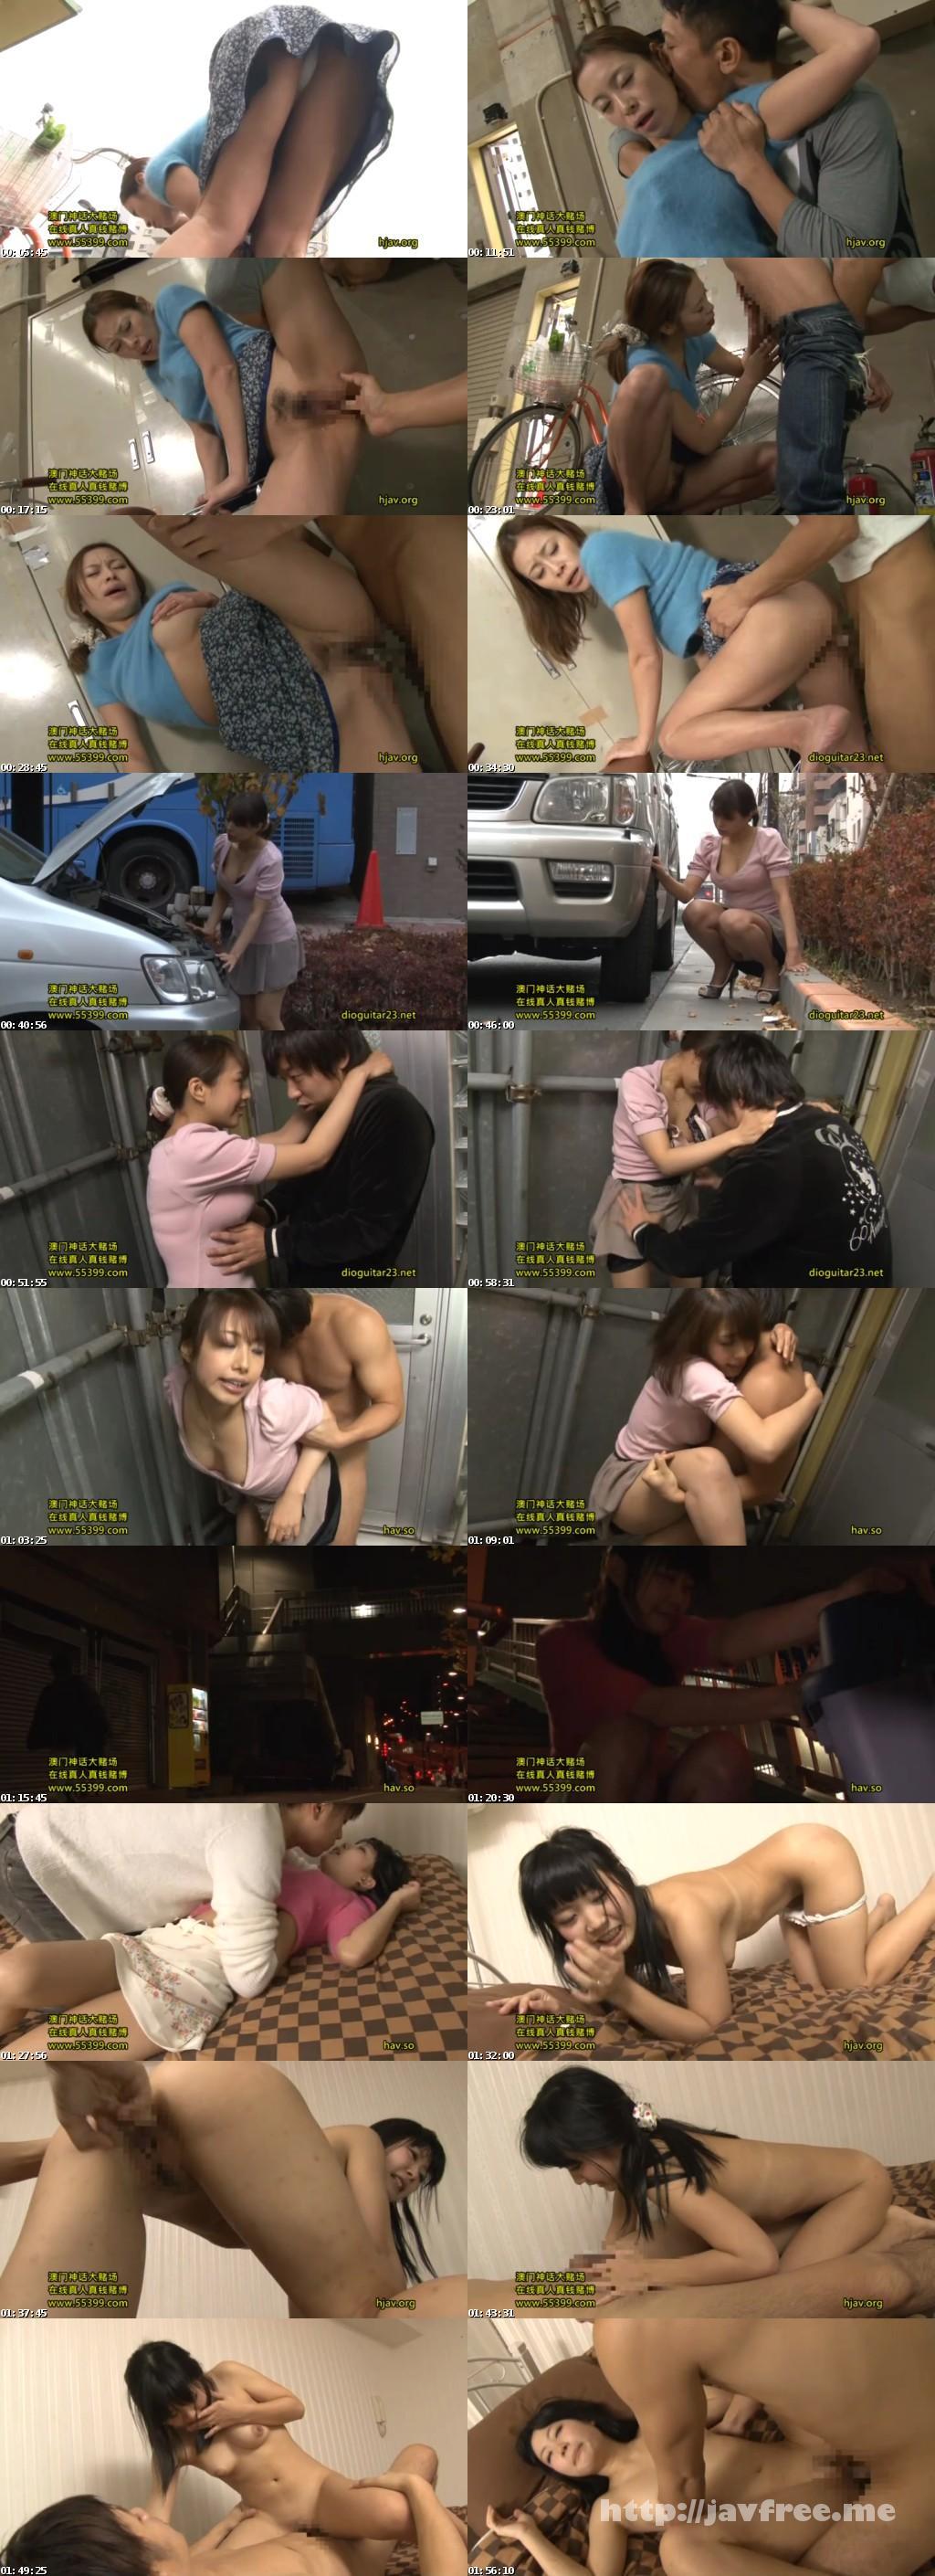 [SW 237] 買い物帰りに無防備になった人妻の恥ずかしいパンチラ! 見られて興奮した彼女は俺を誘ってきた SW